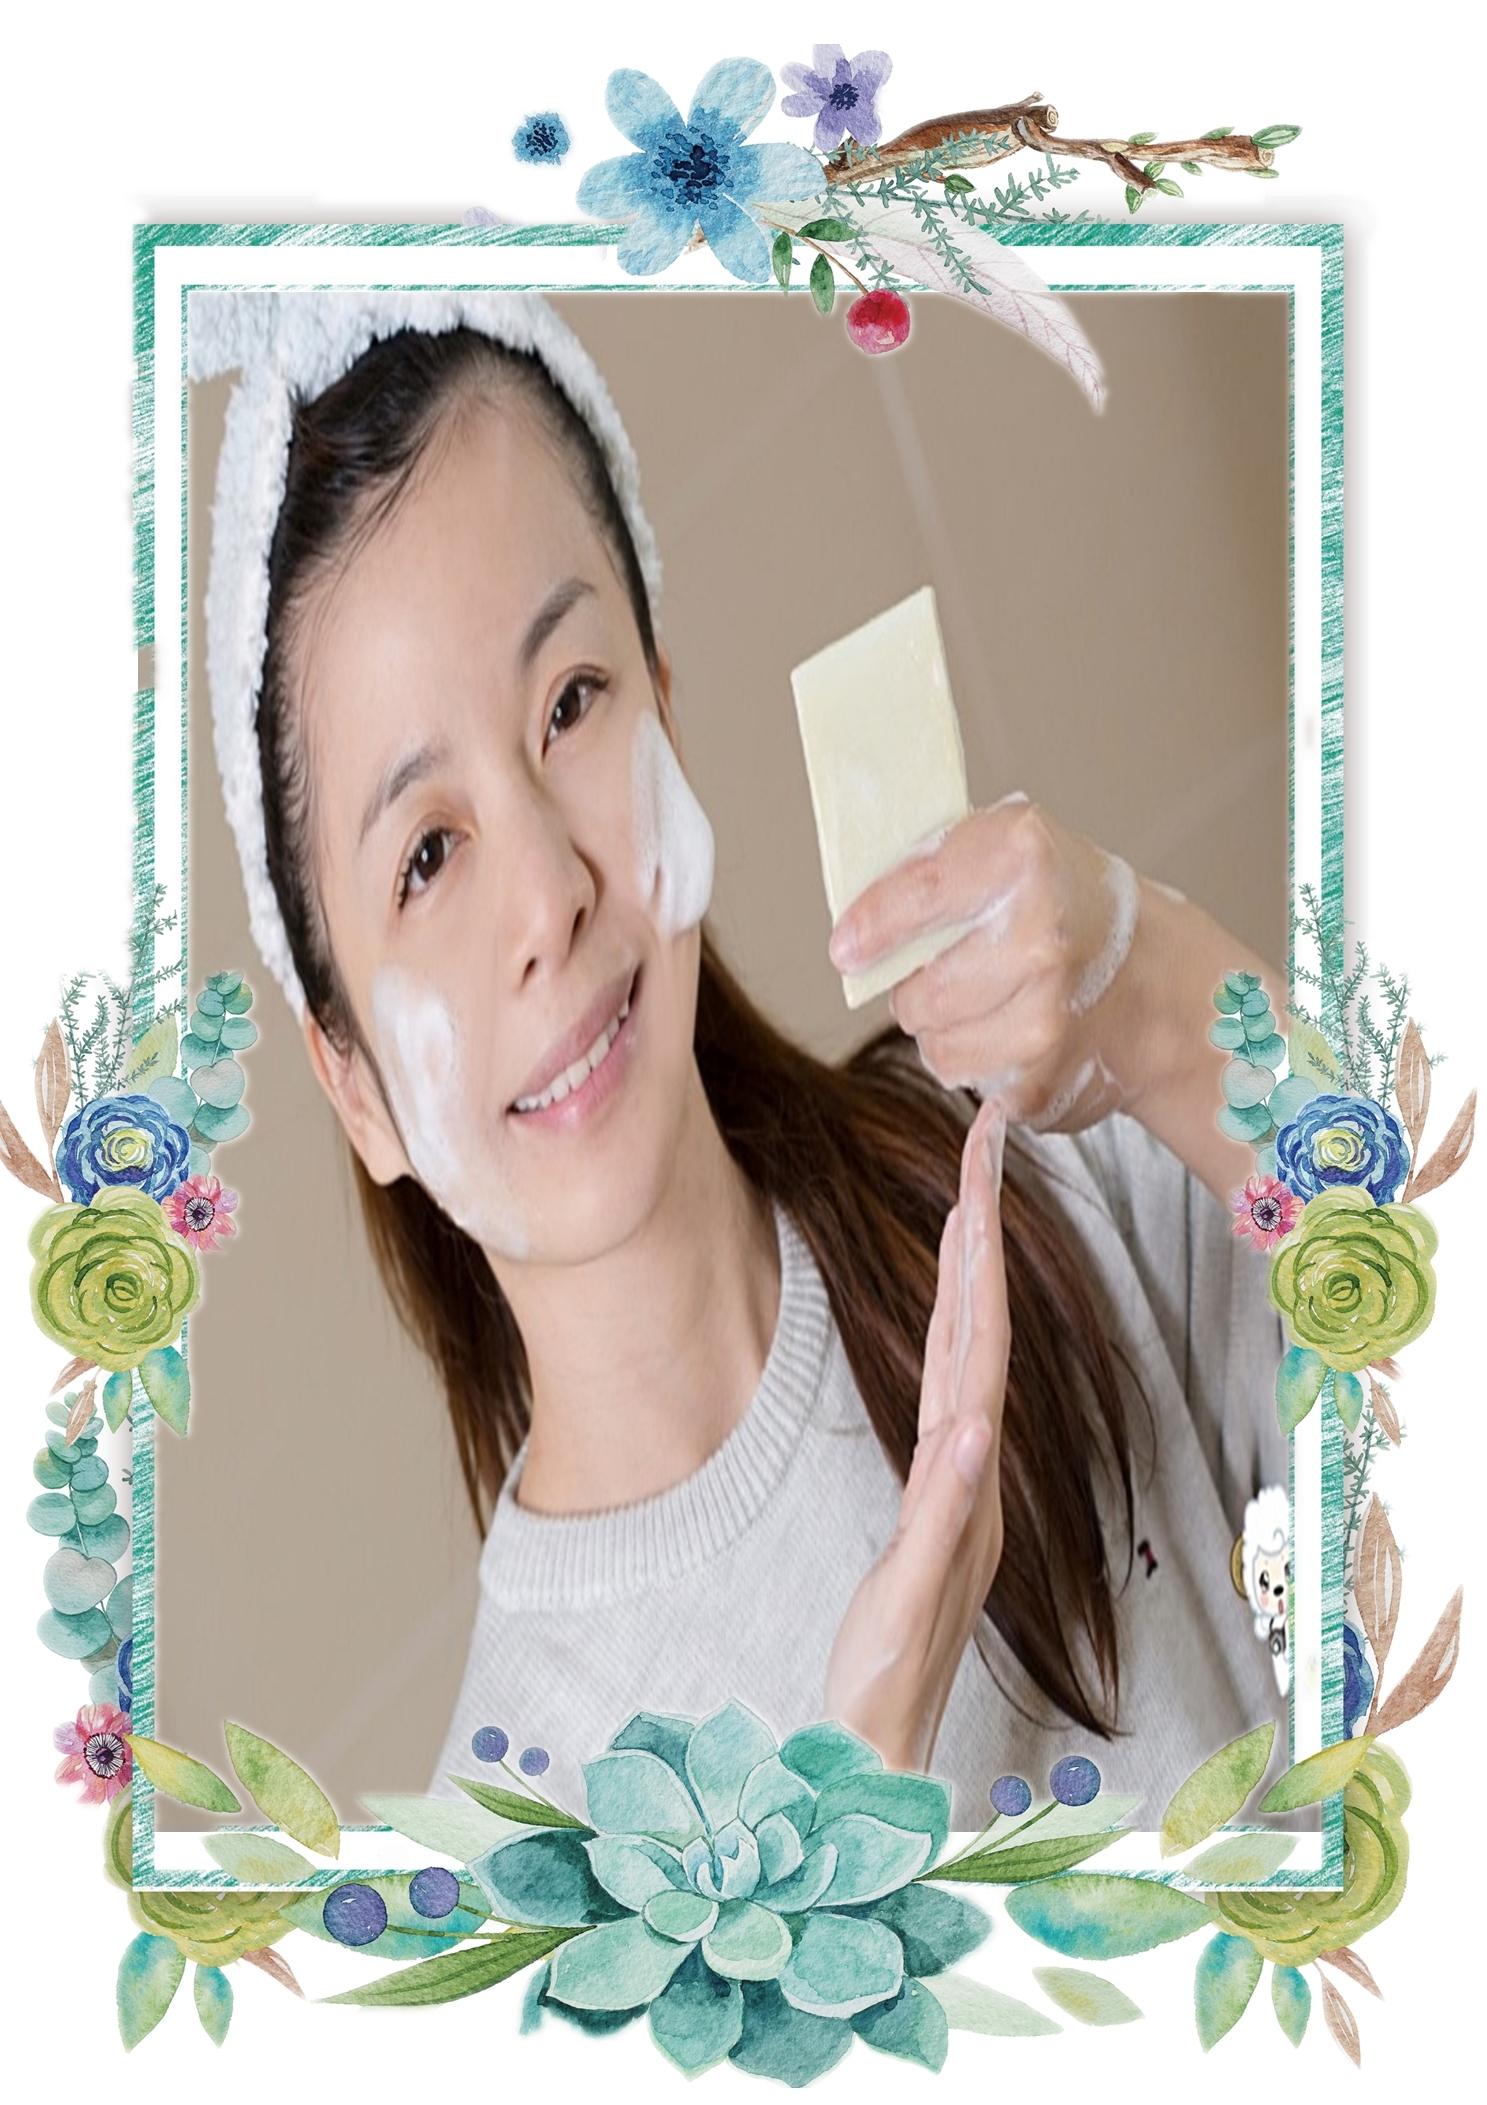 艾朵莉雅手工皂 部落客推薦